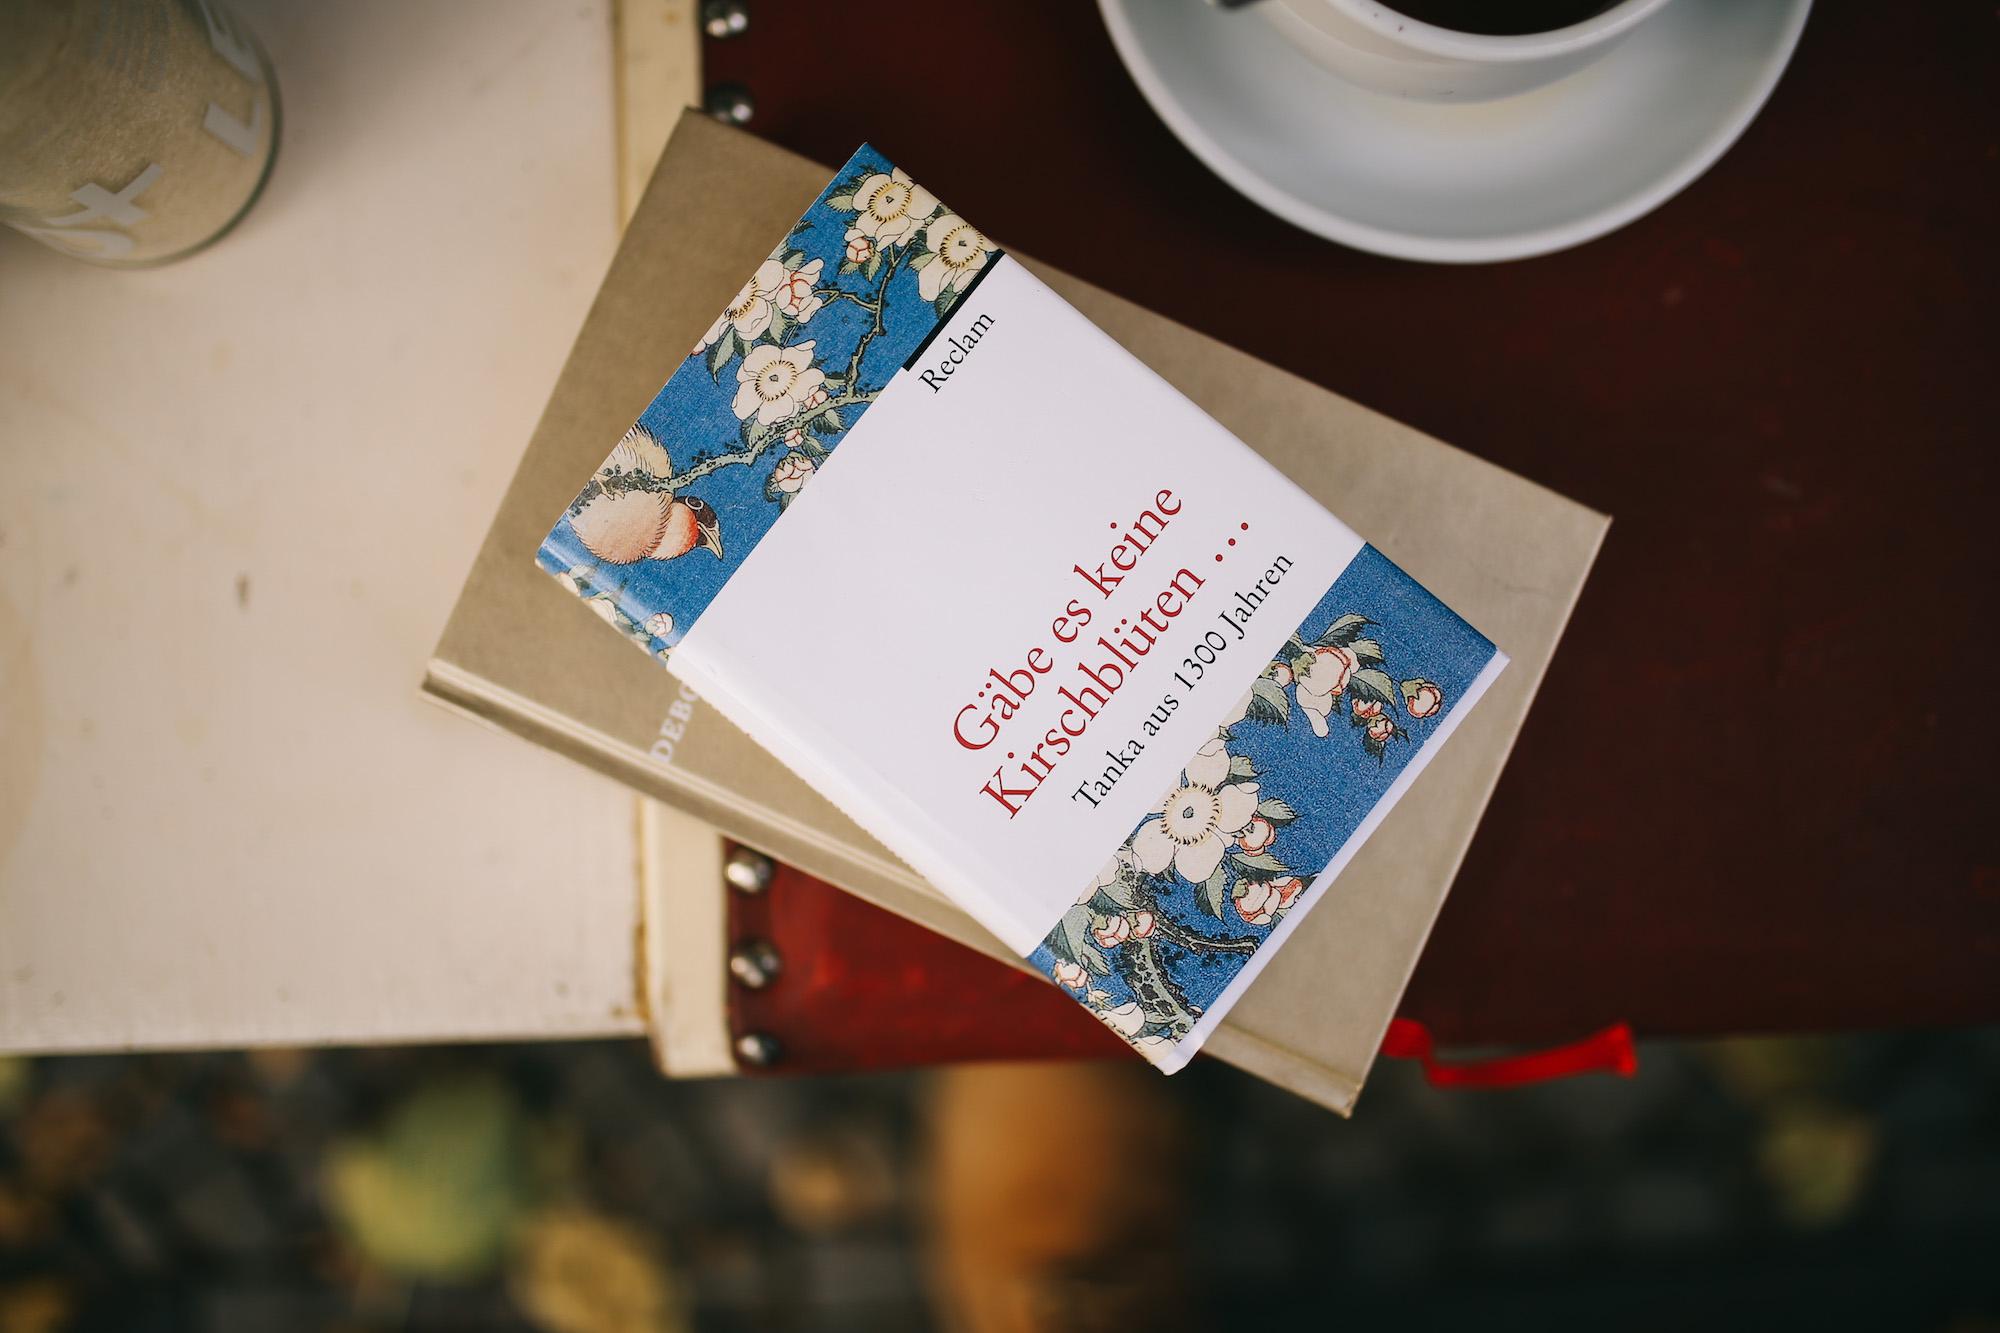 Bücher sind großartige Asseccoires – für Deinen Geist ...